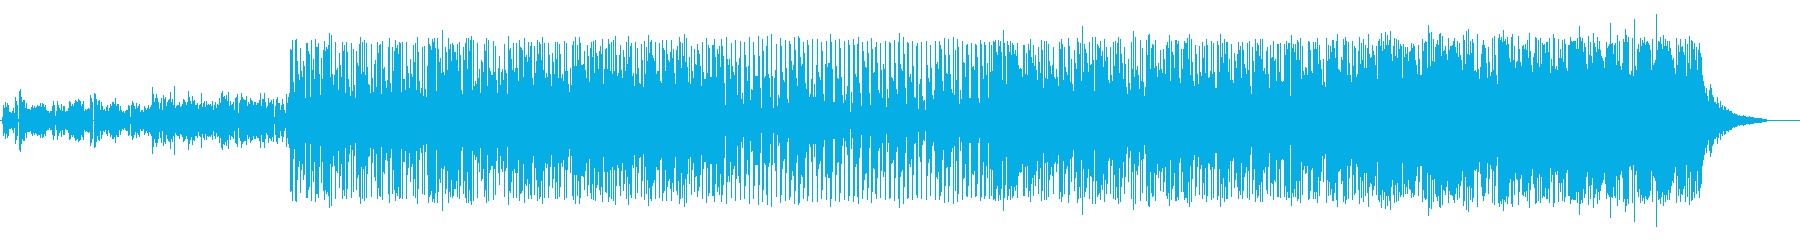 生バンドのファンキーなクラブチューンの再生済みの波形